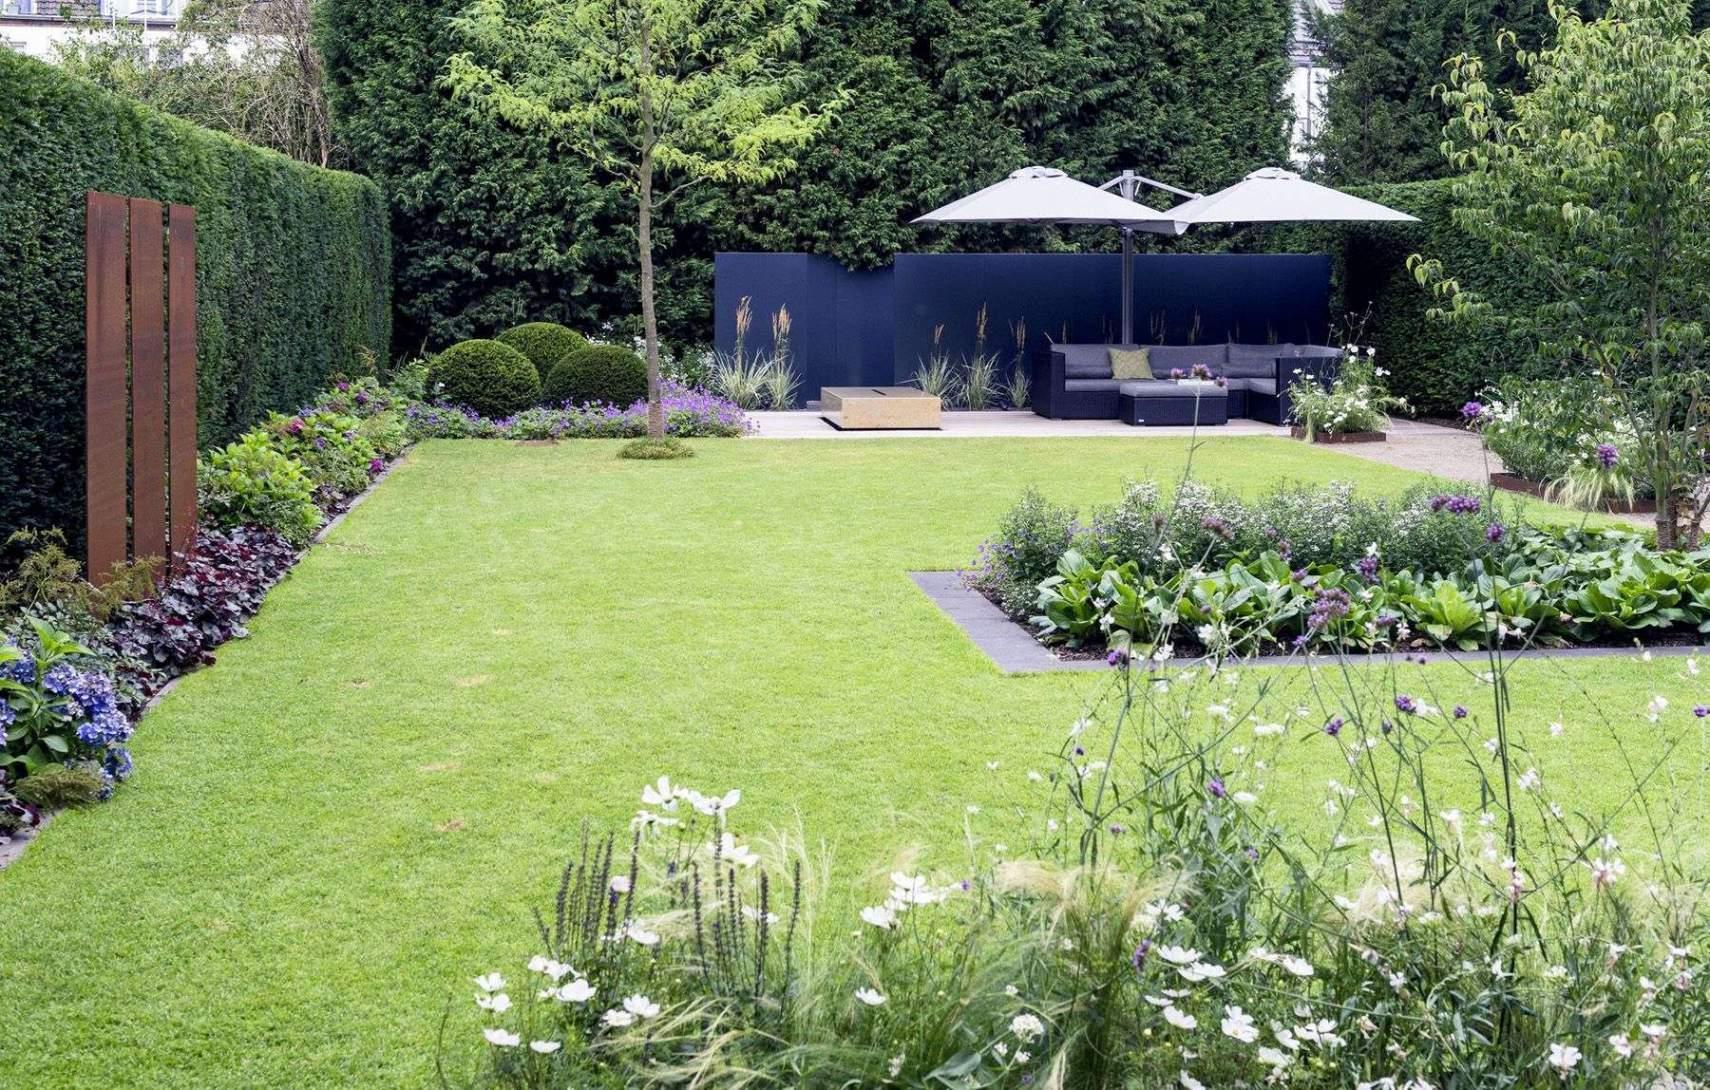 Ratten Im Garten Erkennen Luxus 40 Reizend Grillecke Garten Luxus